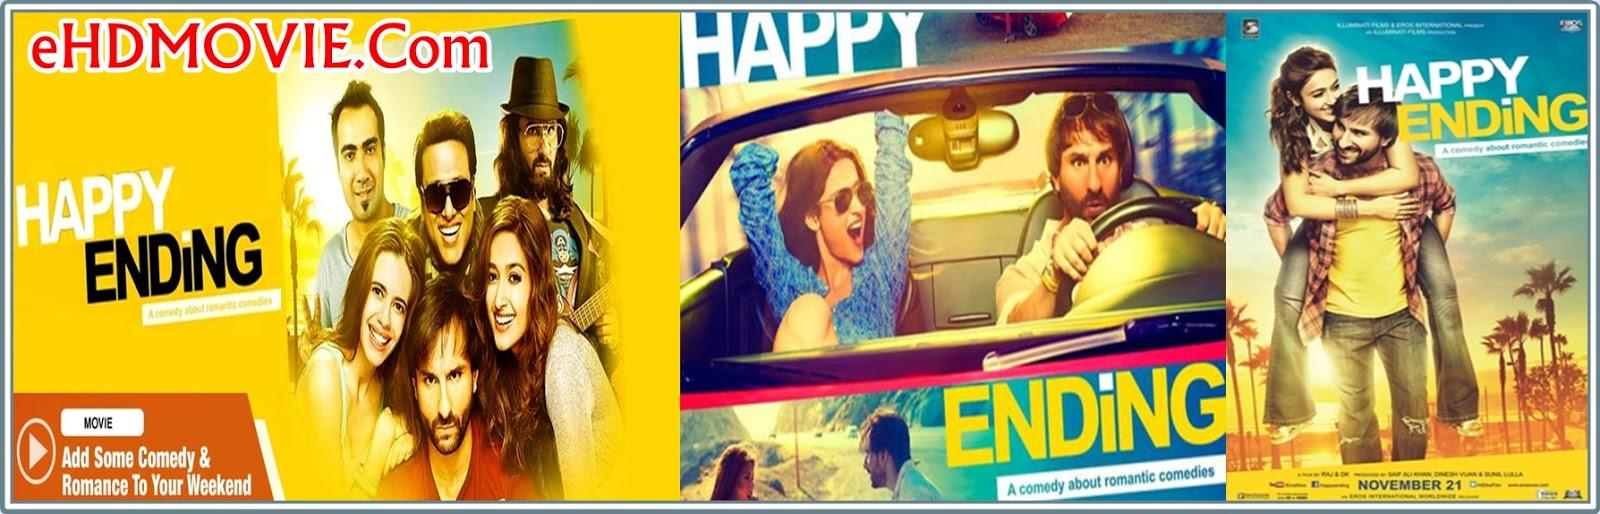 Happy Ending 2014 Full Movie Hindi 720p - 480p ORG BRRip 400MB - 1.4GB ESubs Free Download